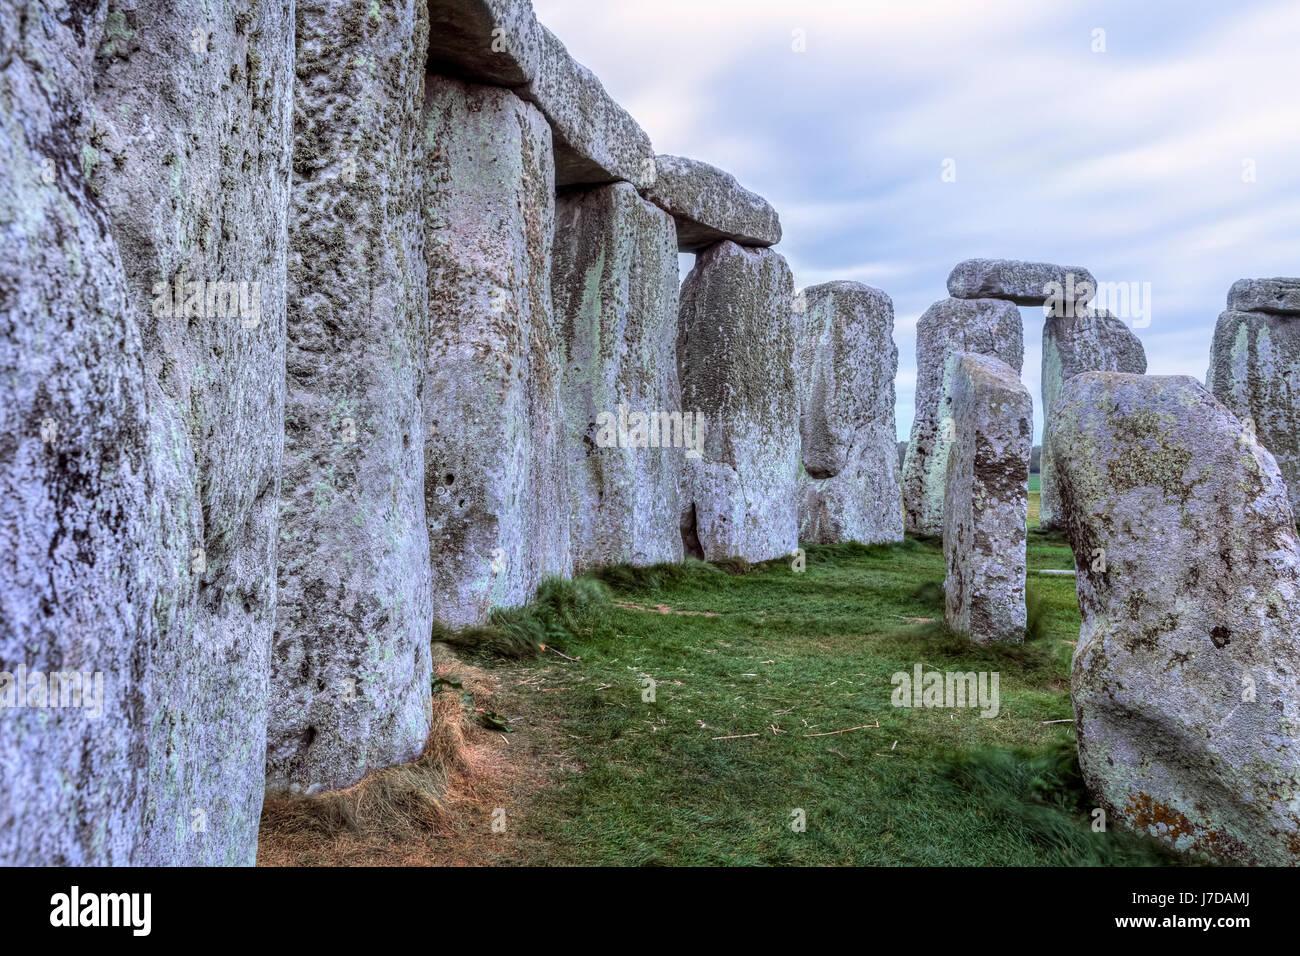 Stonehenge, Wiltshire, England Stockbild